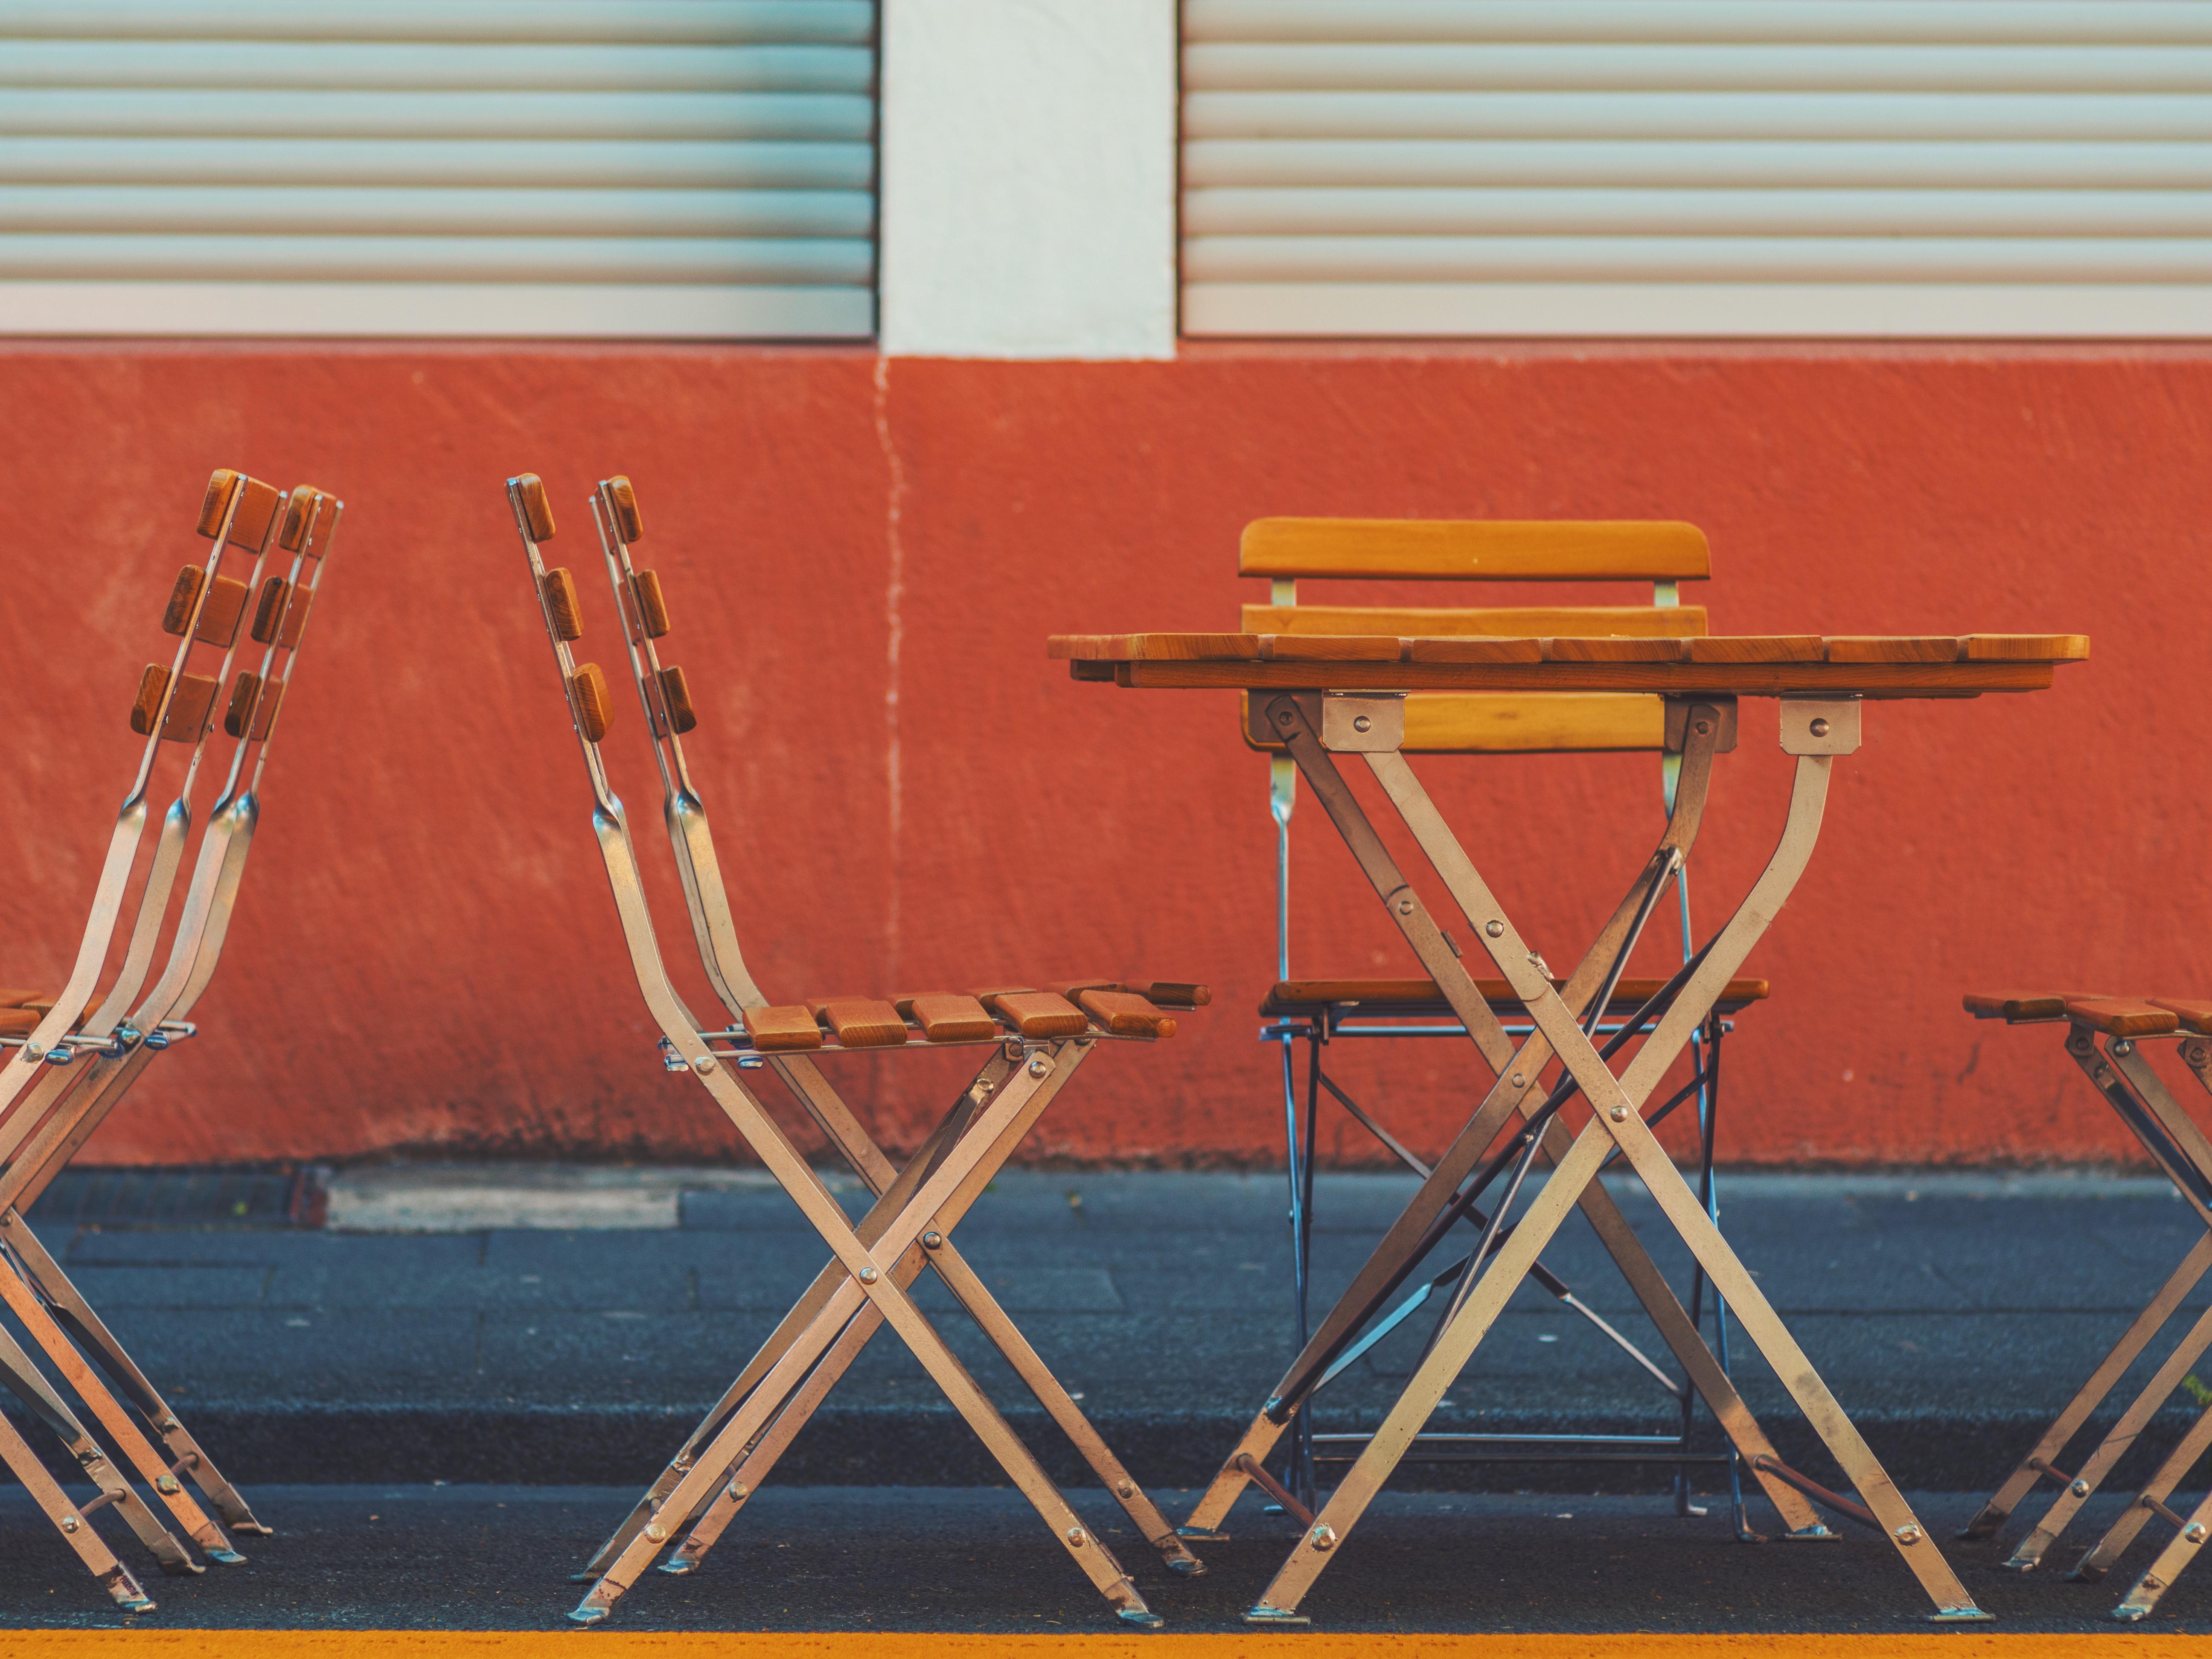 Fotos Gratis Madera Silla Mueble Art Objeto Hecho Por El  # Muebles Fundidos Artisticos